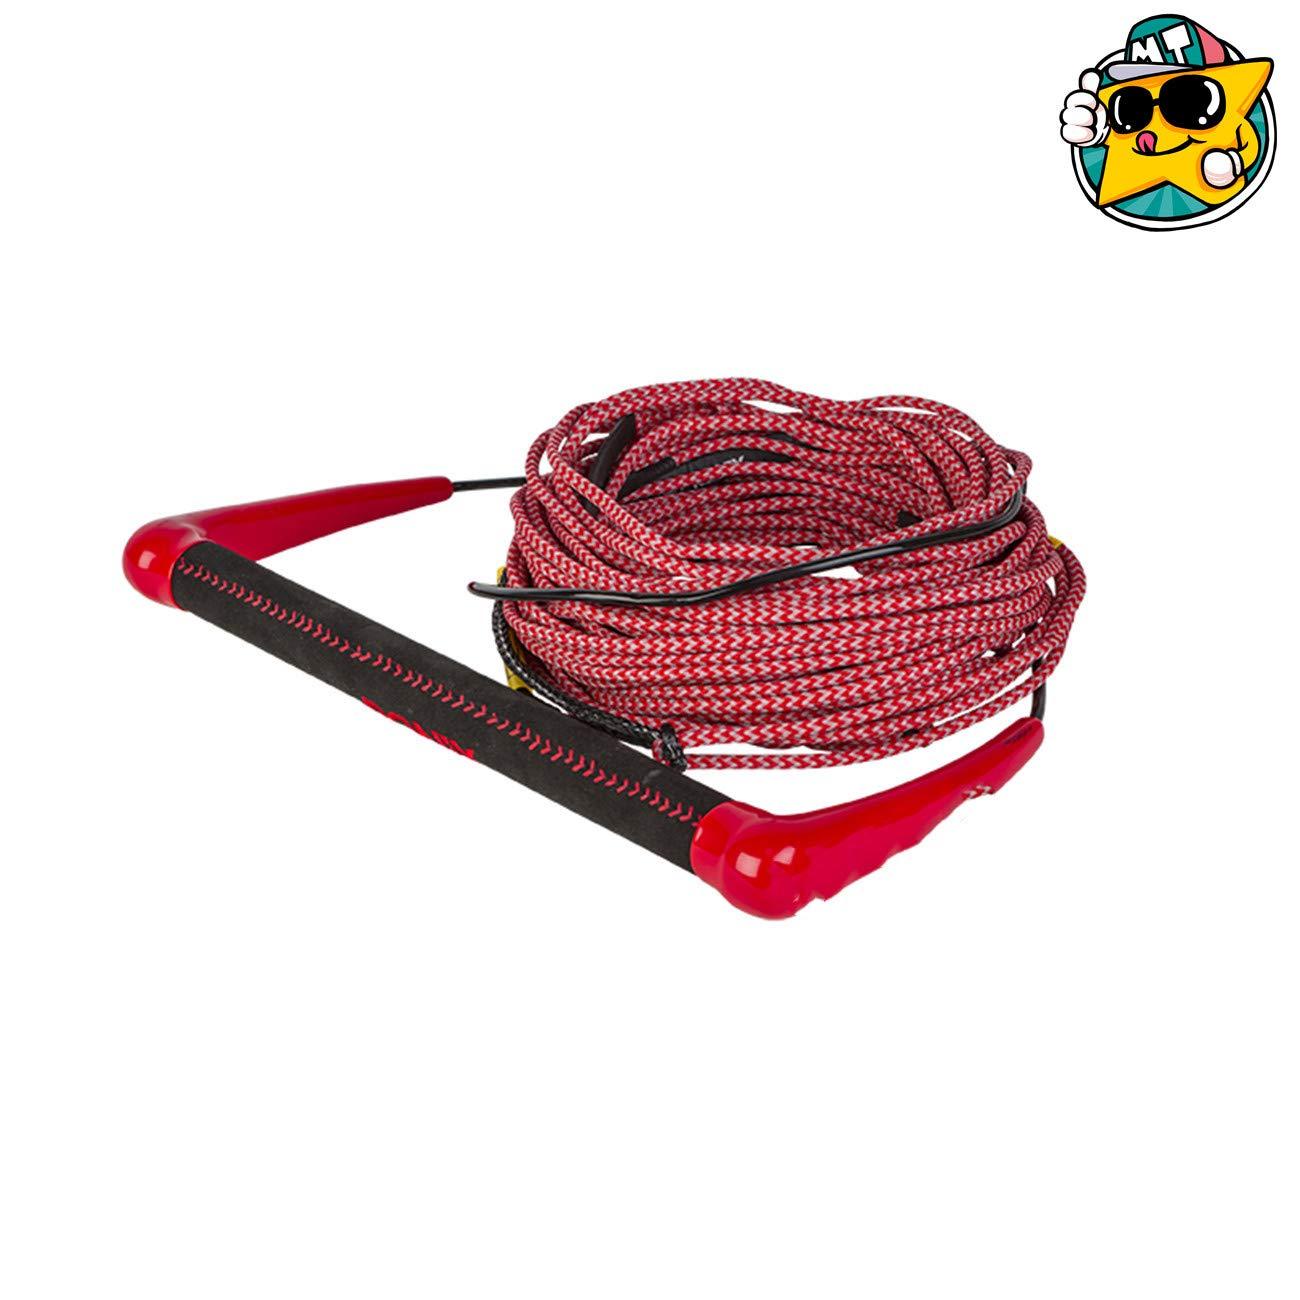 21メートルの赤ワインディングを防ぐために耐久性のある水上スキーモーターボート水上スキー牽引ロープ